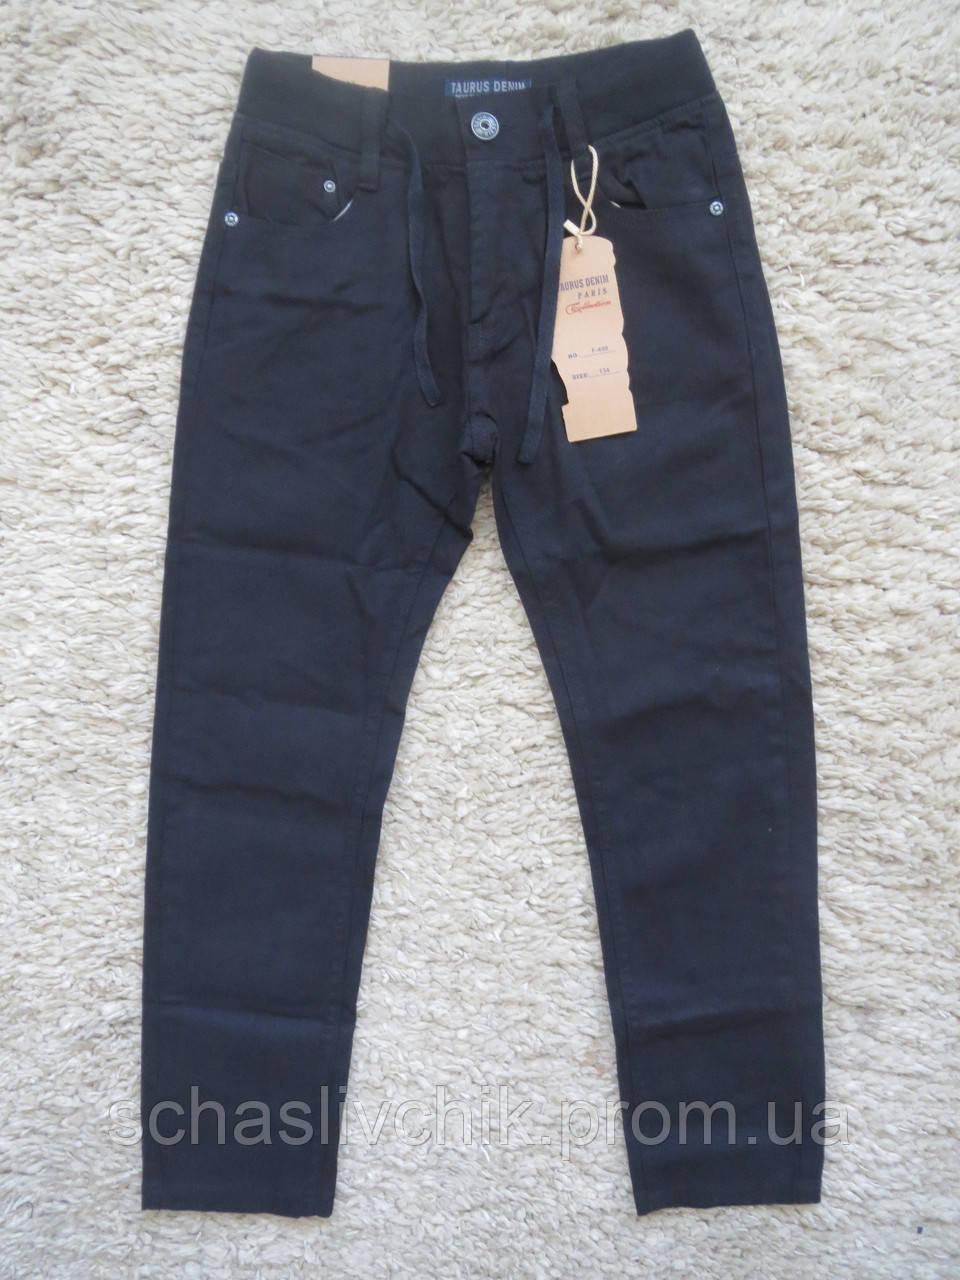 Стильные школьные котоновые брюки для мальчиков ,116-146 размер, Производитель Taurus Венгрия - Щасливчик.укр в Хмельницком